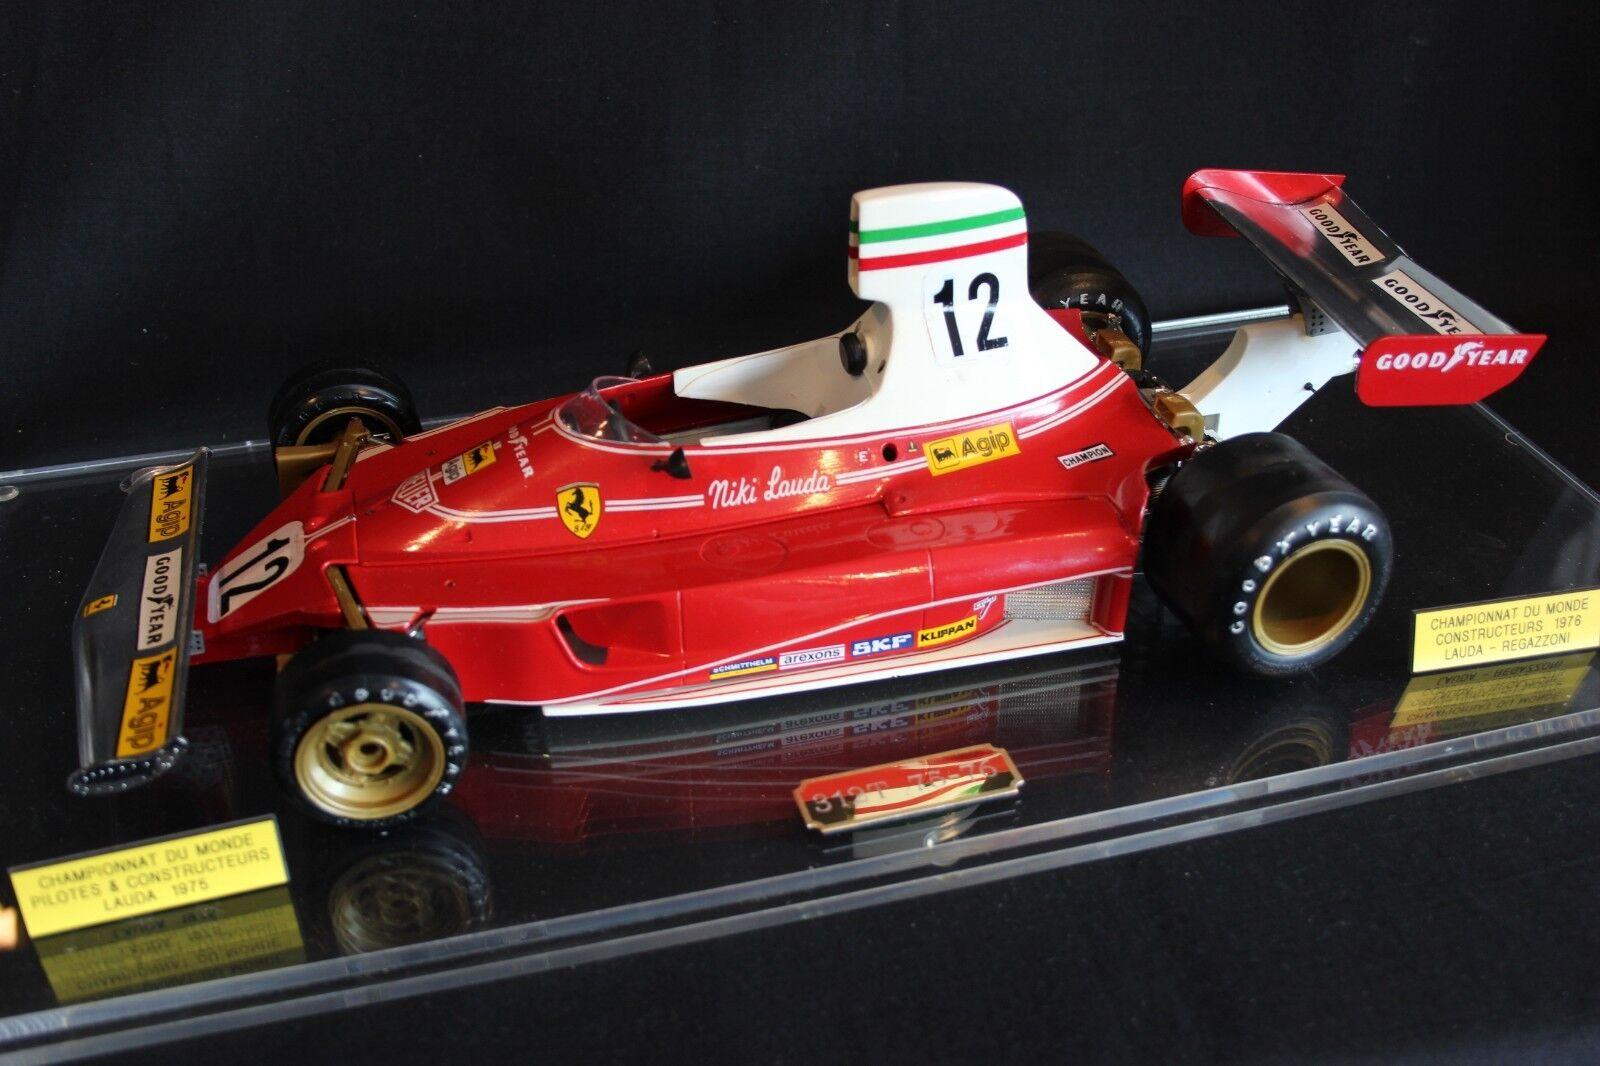 Tamiya built kit Ferrari 312T 1975 - 1976 1 12  12 Niki Lauda (AUT) in vitrine